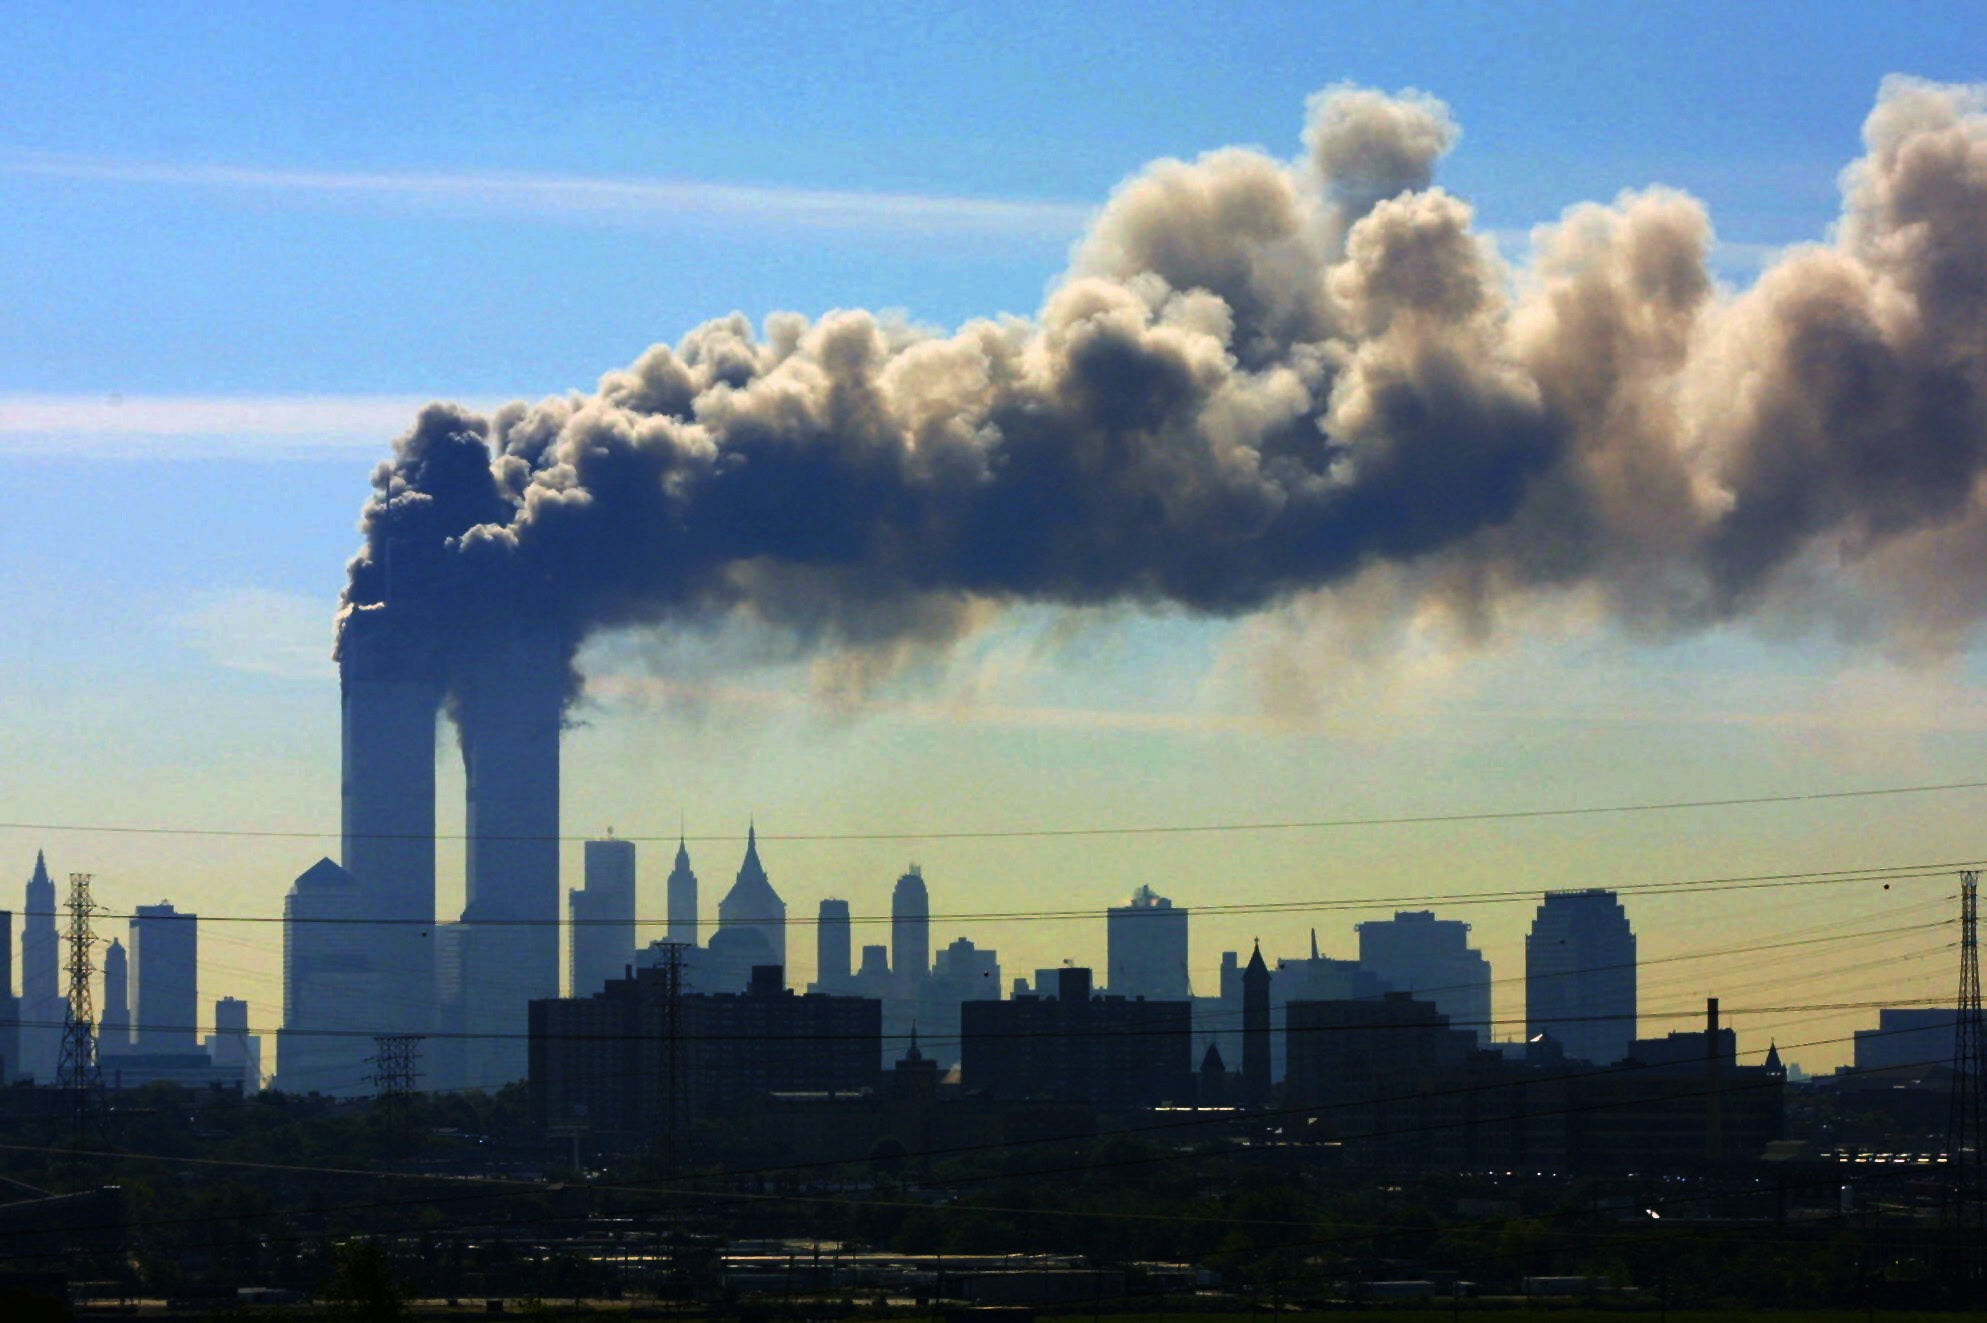 Torres Gemelas el 11 de septiembre de 2001